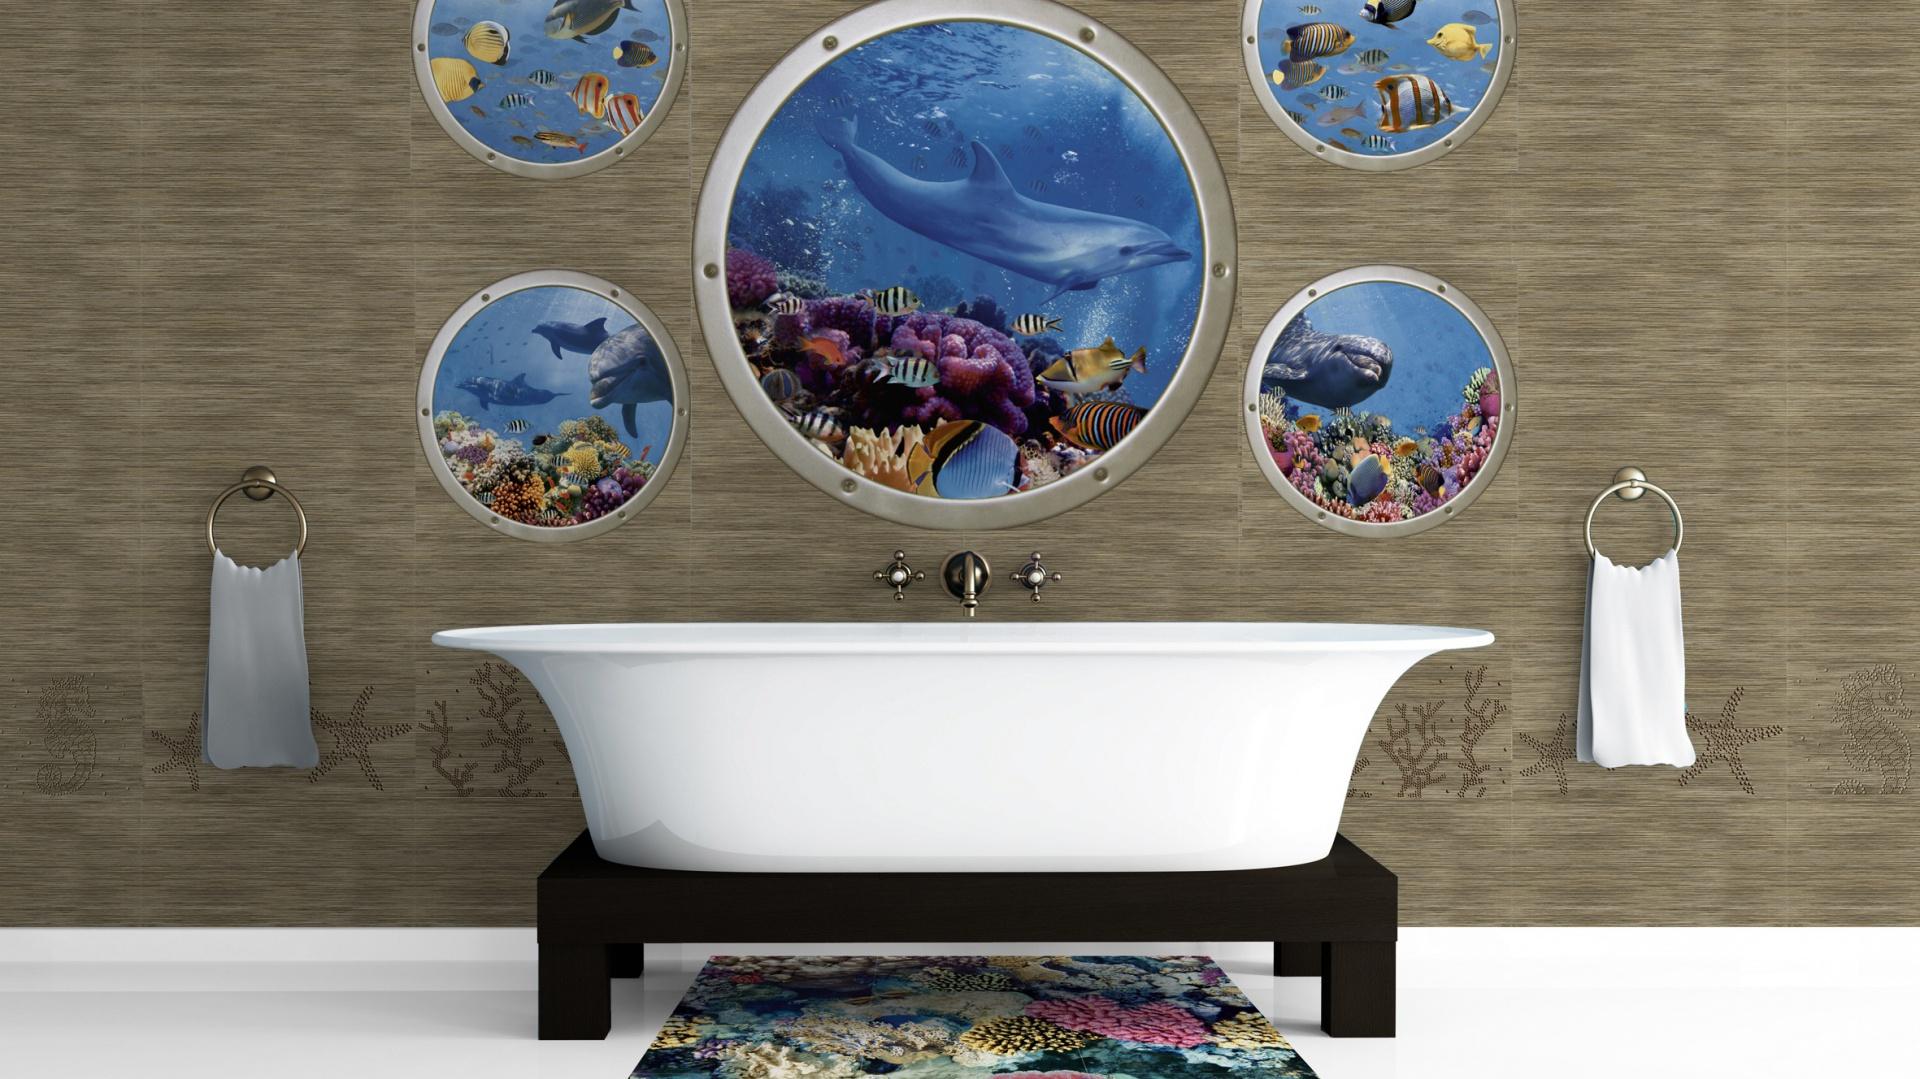 Mural Poseidon marki Ceramica Latina to przepiękne dekoracje ścienne przywołujące niepowtarzalną urodę raf koralowych. Fot. Ceramica Latino.